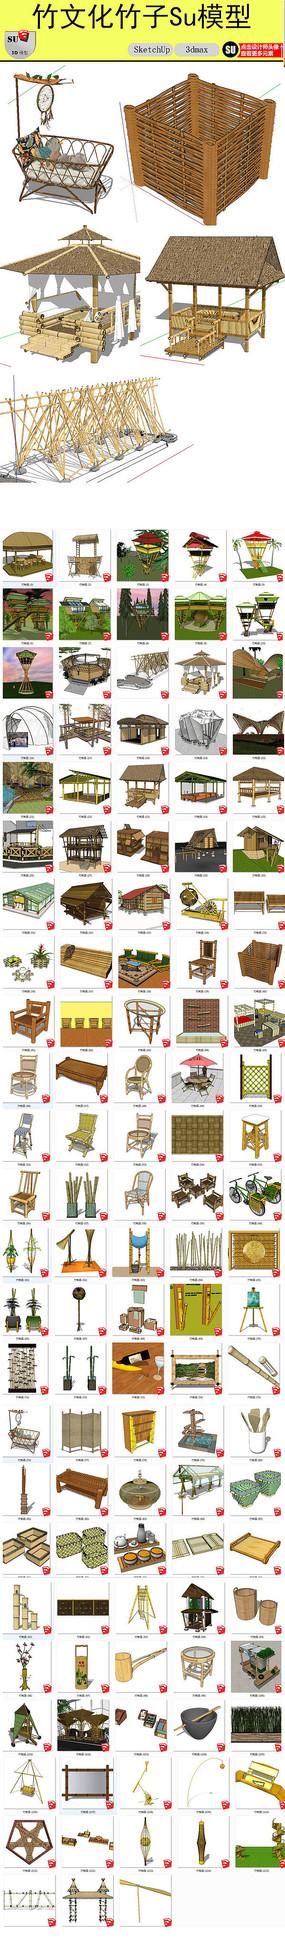 竹子文化SU模型合集